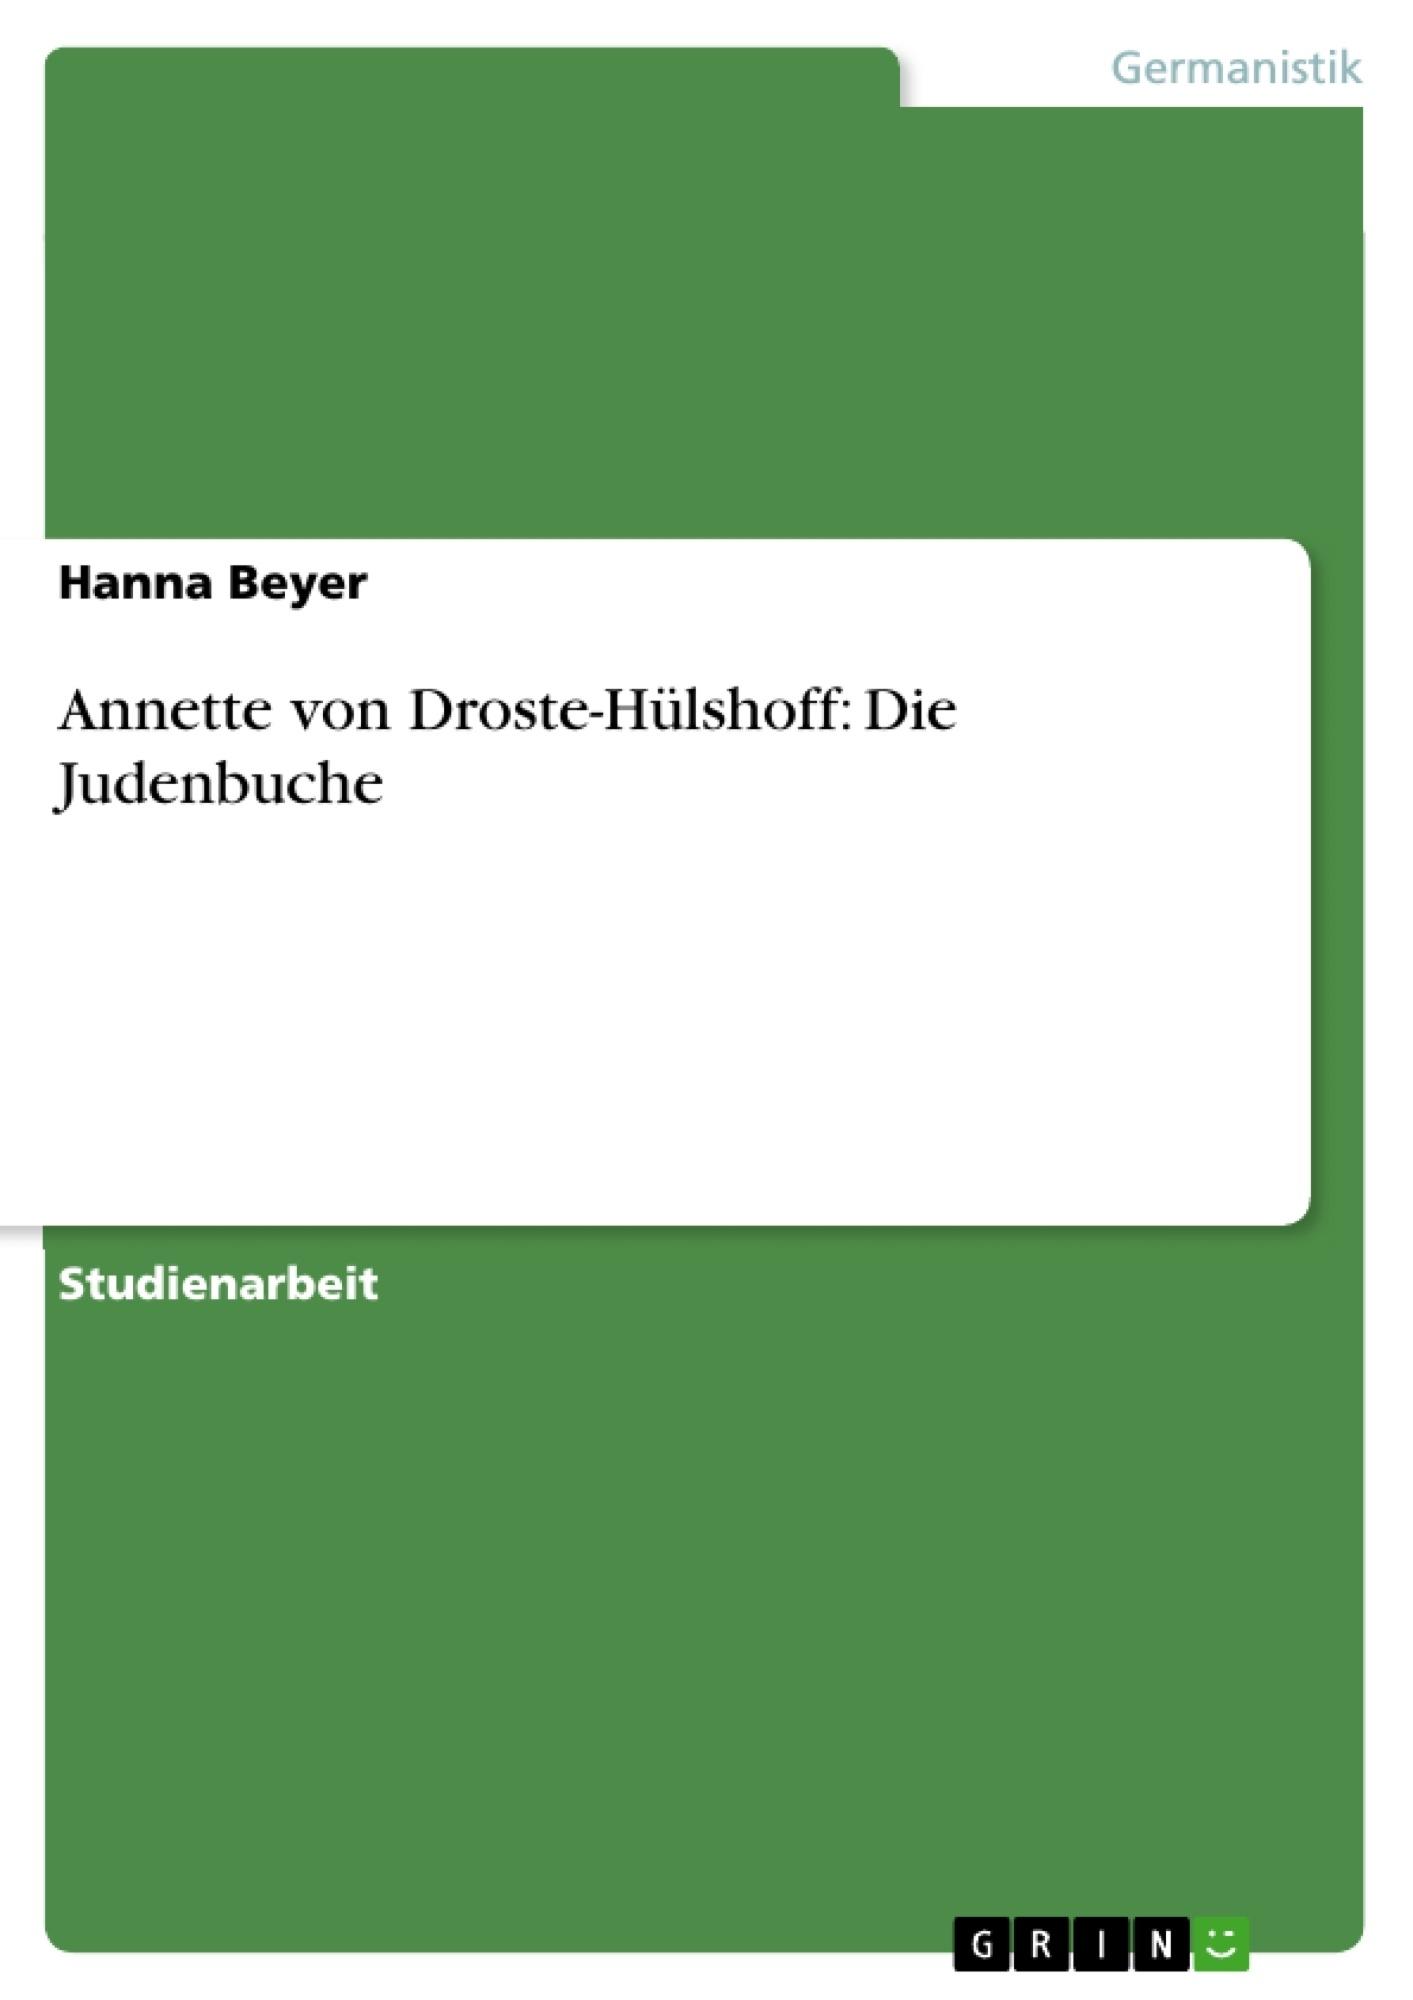 Titel: Annette von Droste-Hülshoff: Die Judenbuche